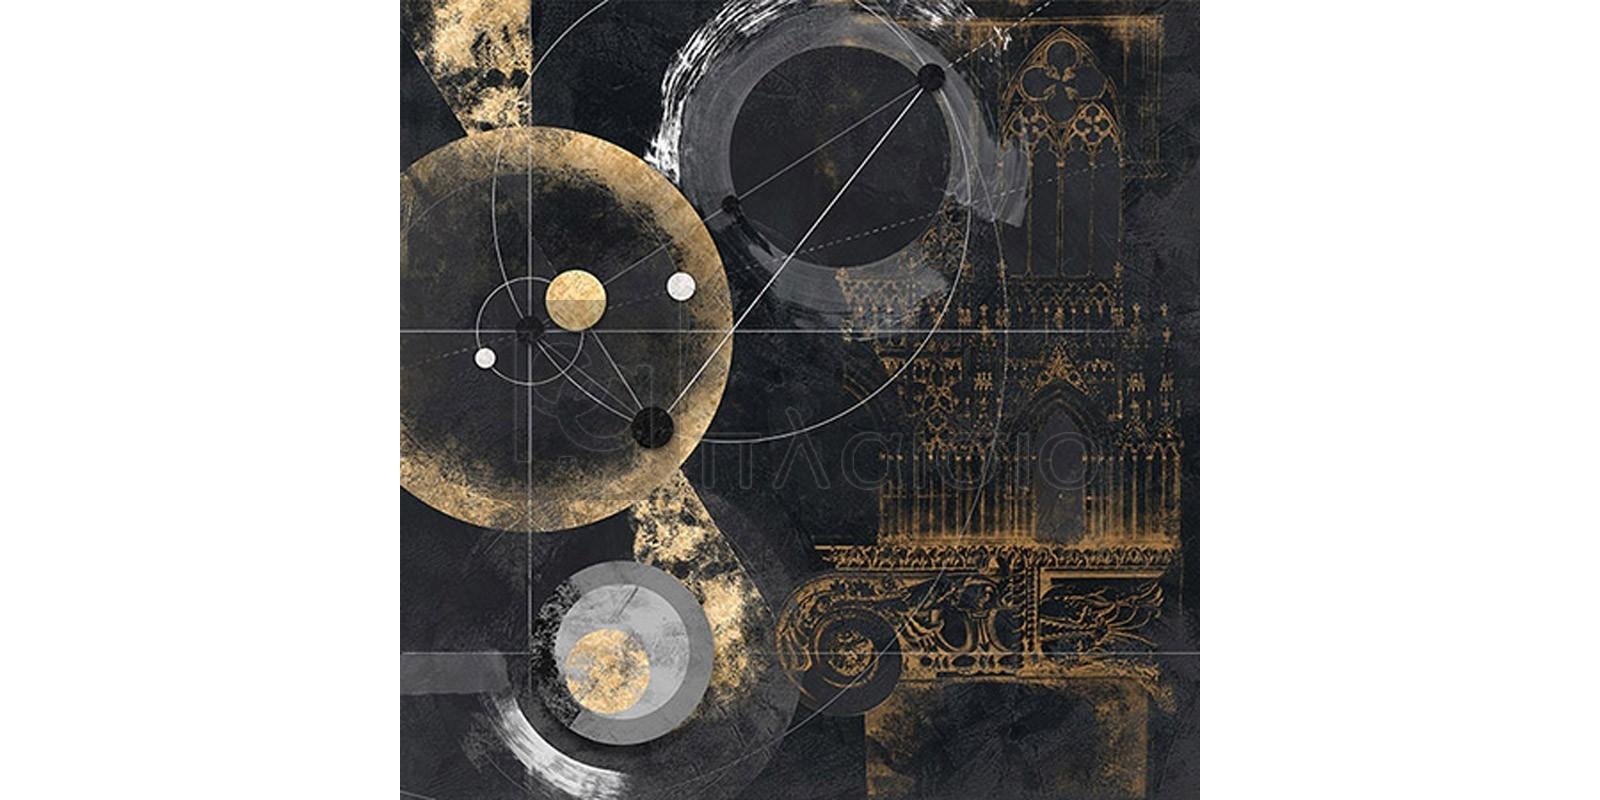 Arturo Armenti - Proporzione